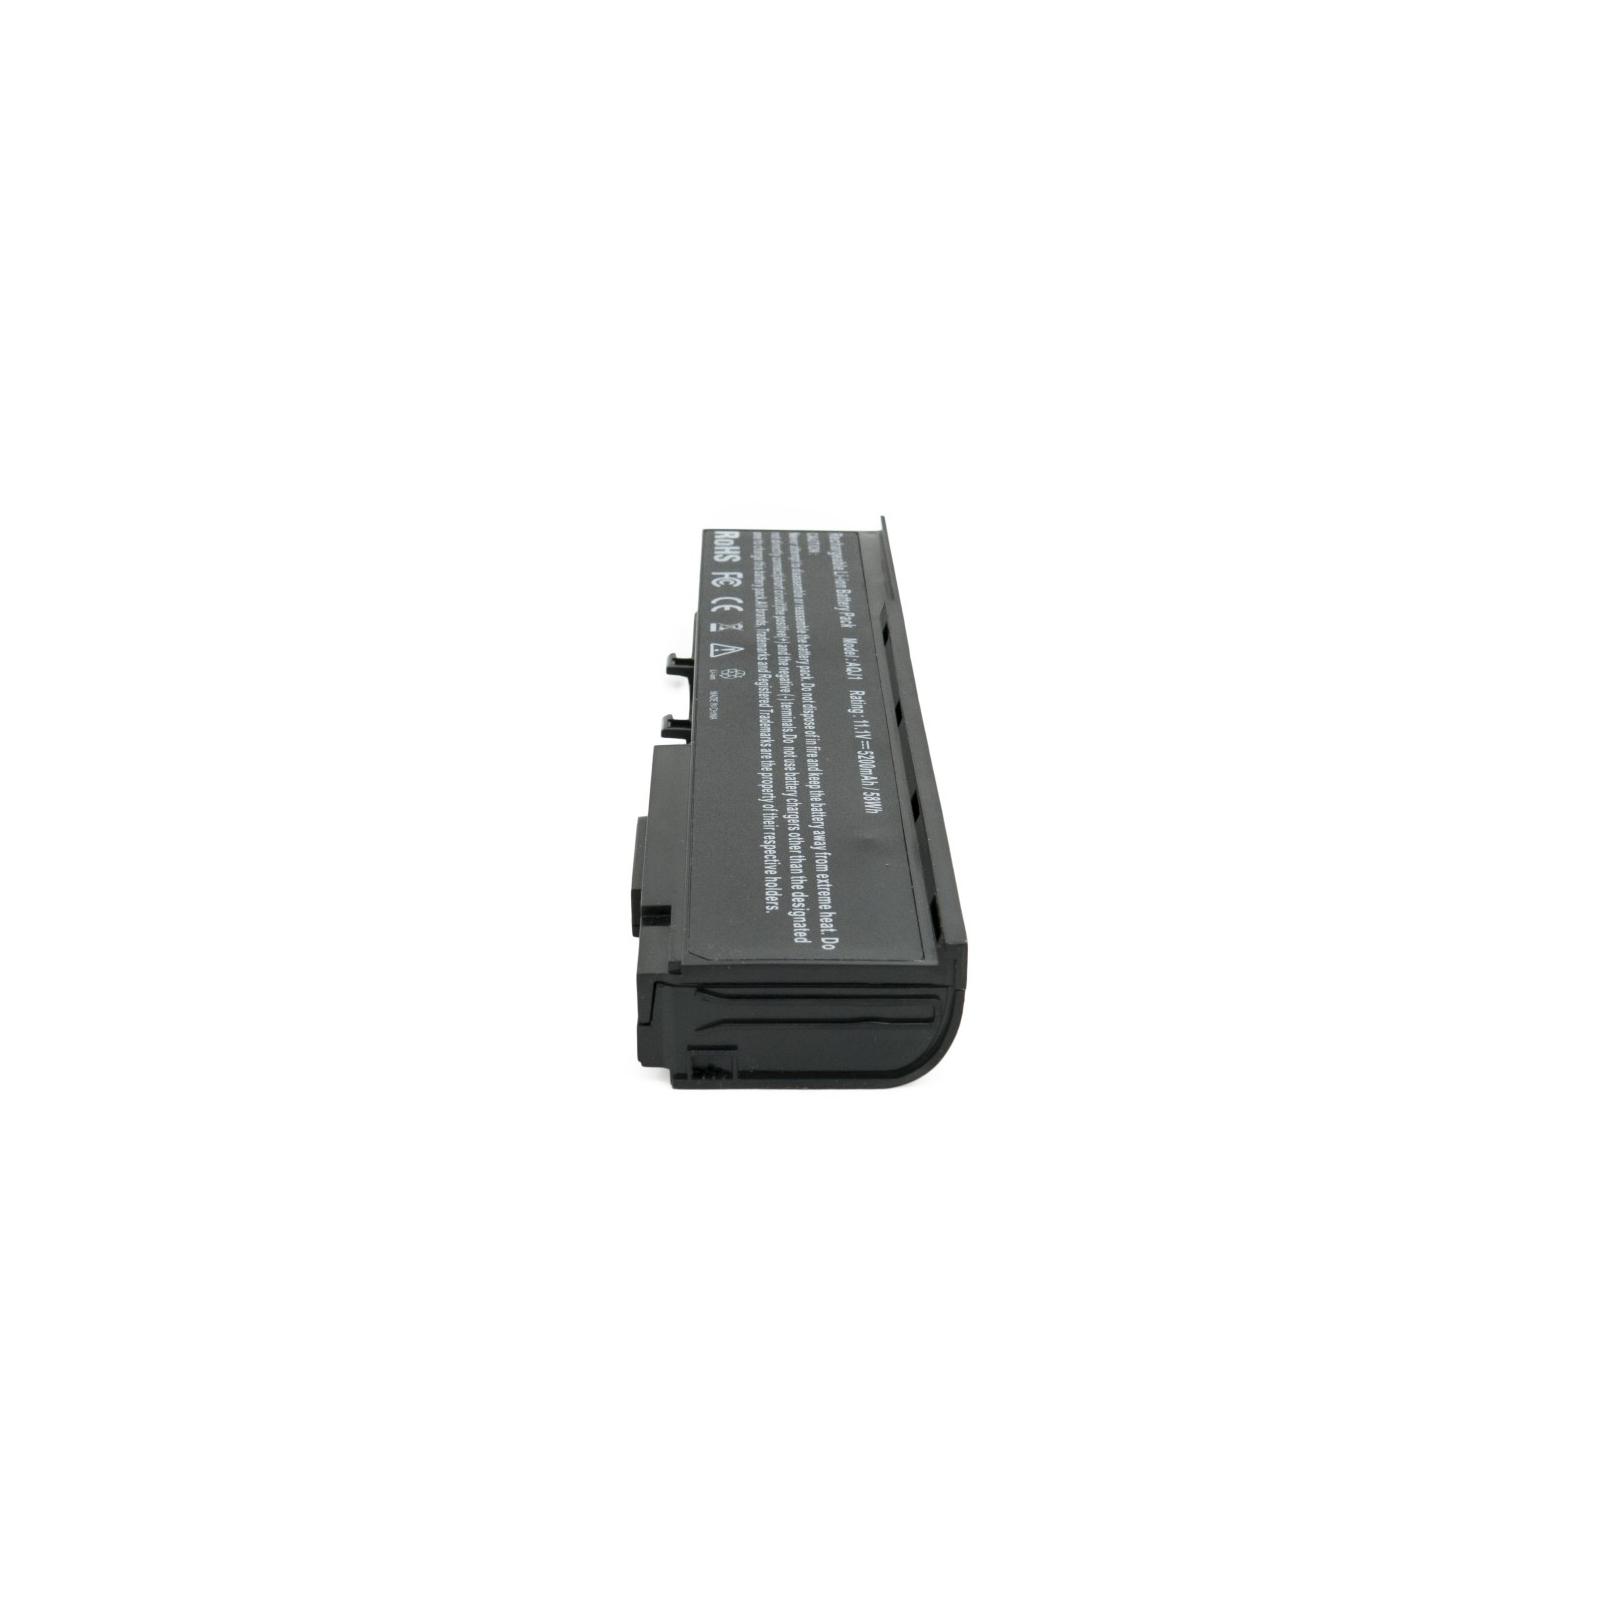 Аккумулятор для ноутбука Acer Aspire 5550 (BTP-AQJ1) 5200 mAh EXTRADIGITAL (BNA3913) изображение 5